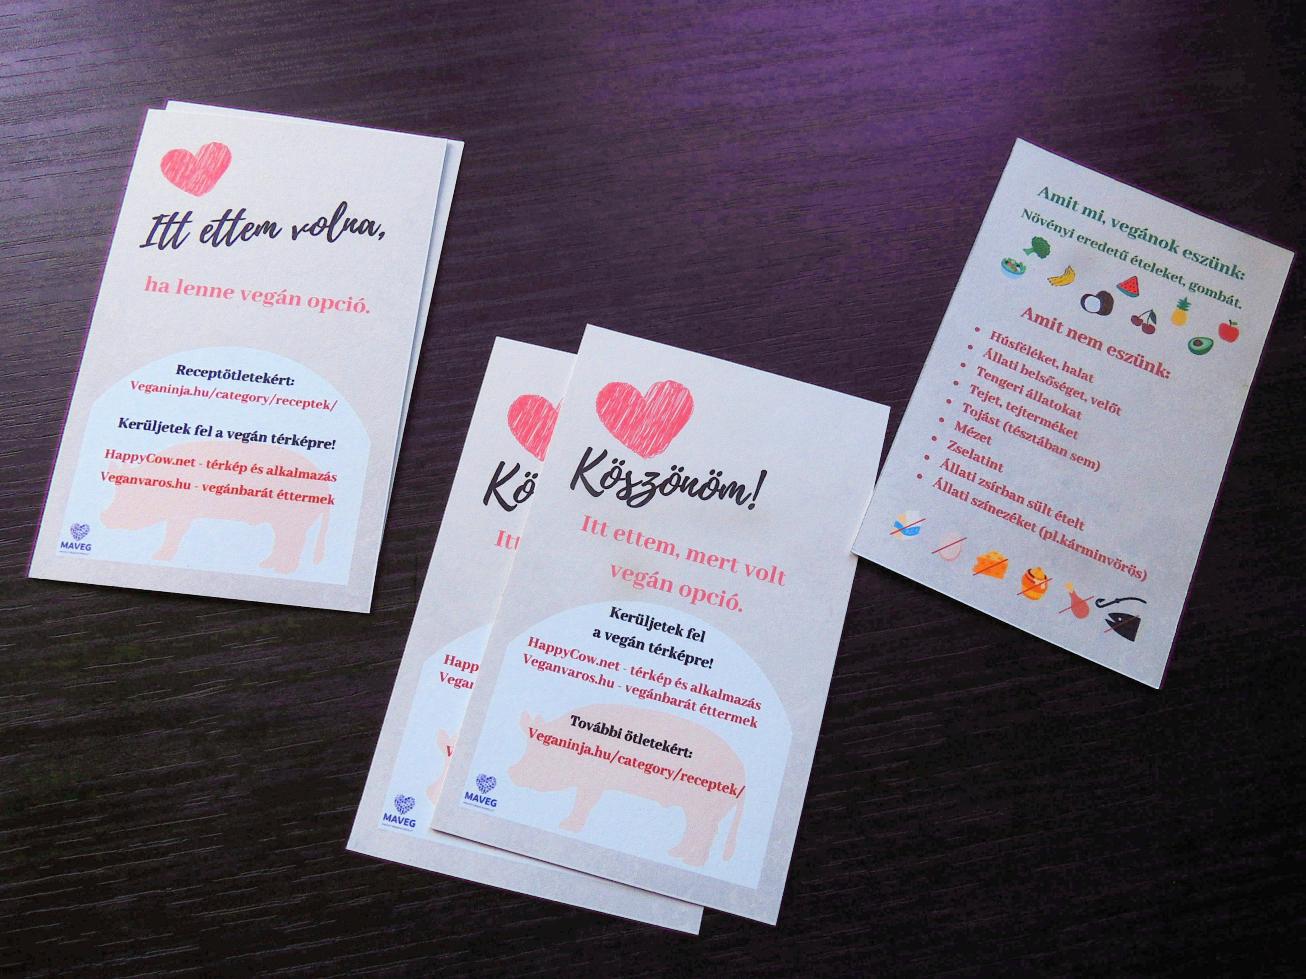 Színes információs kártyák egy asztalon